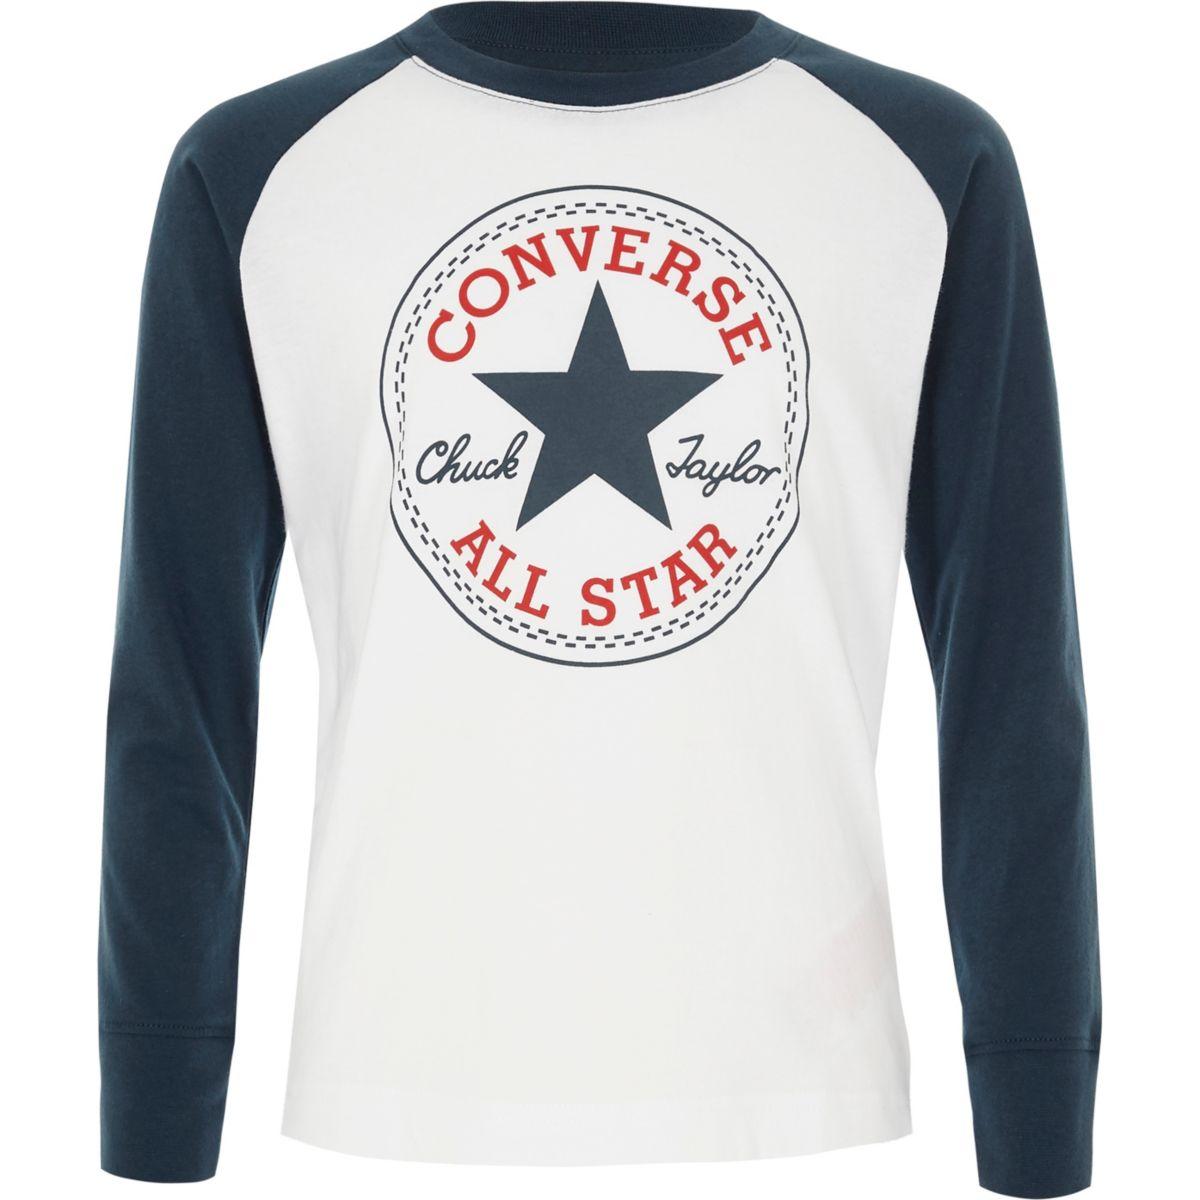 Emplacements De Magasin De Sortie River Island T-shirt manches longues Converse pour gar?on Collections Bon Marché uTMsaYAf8h